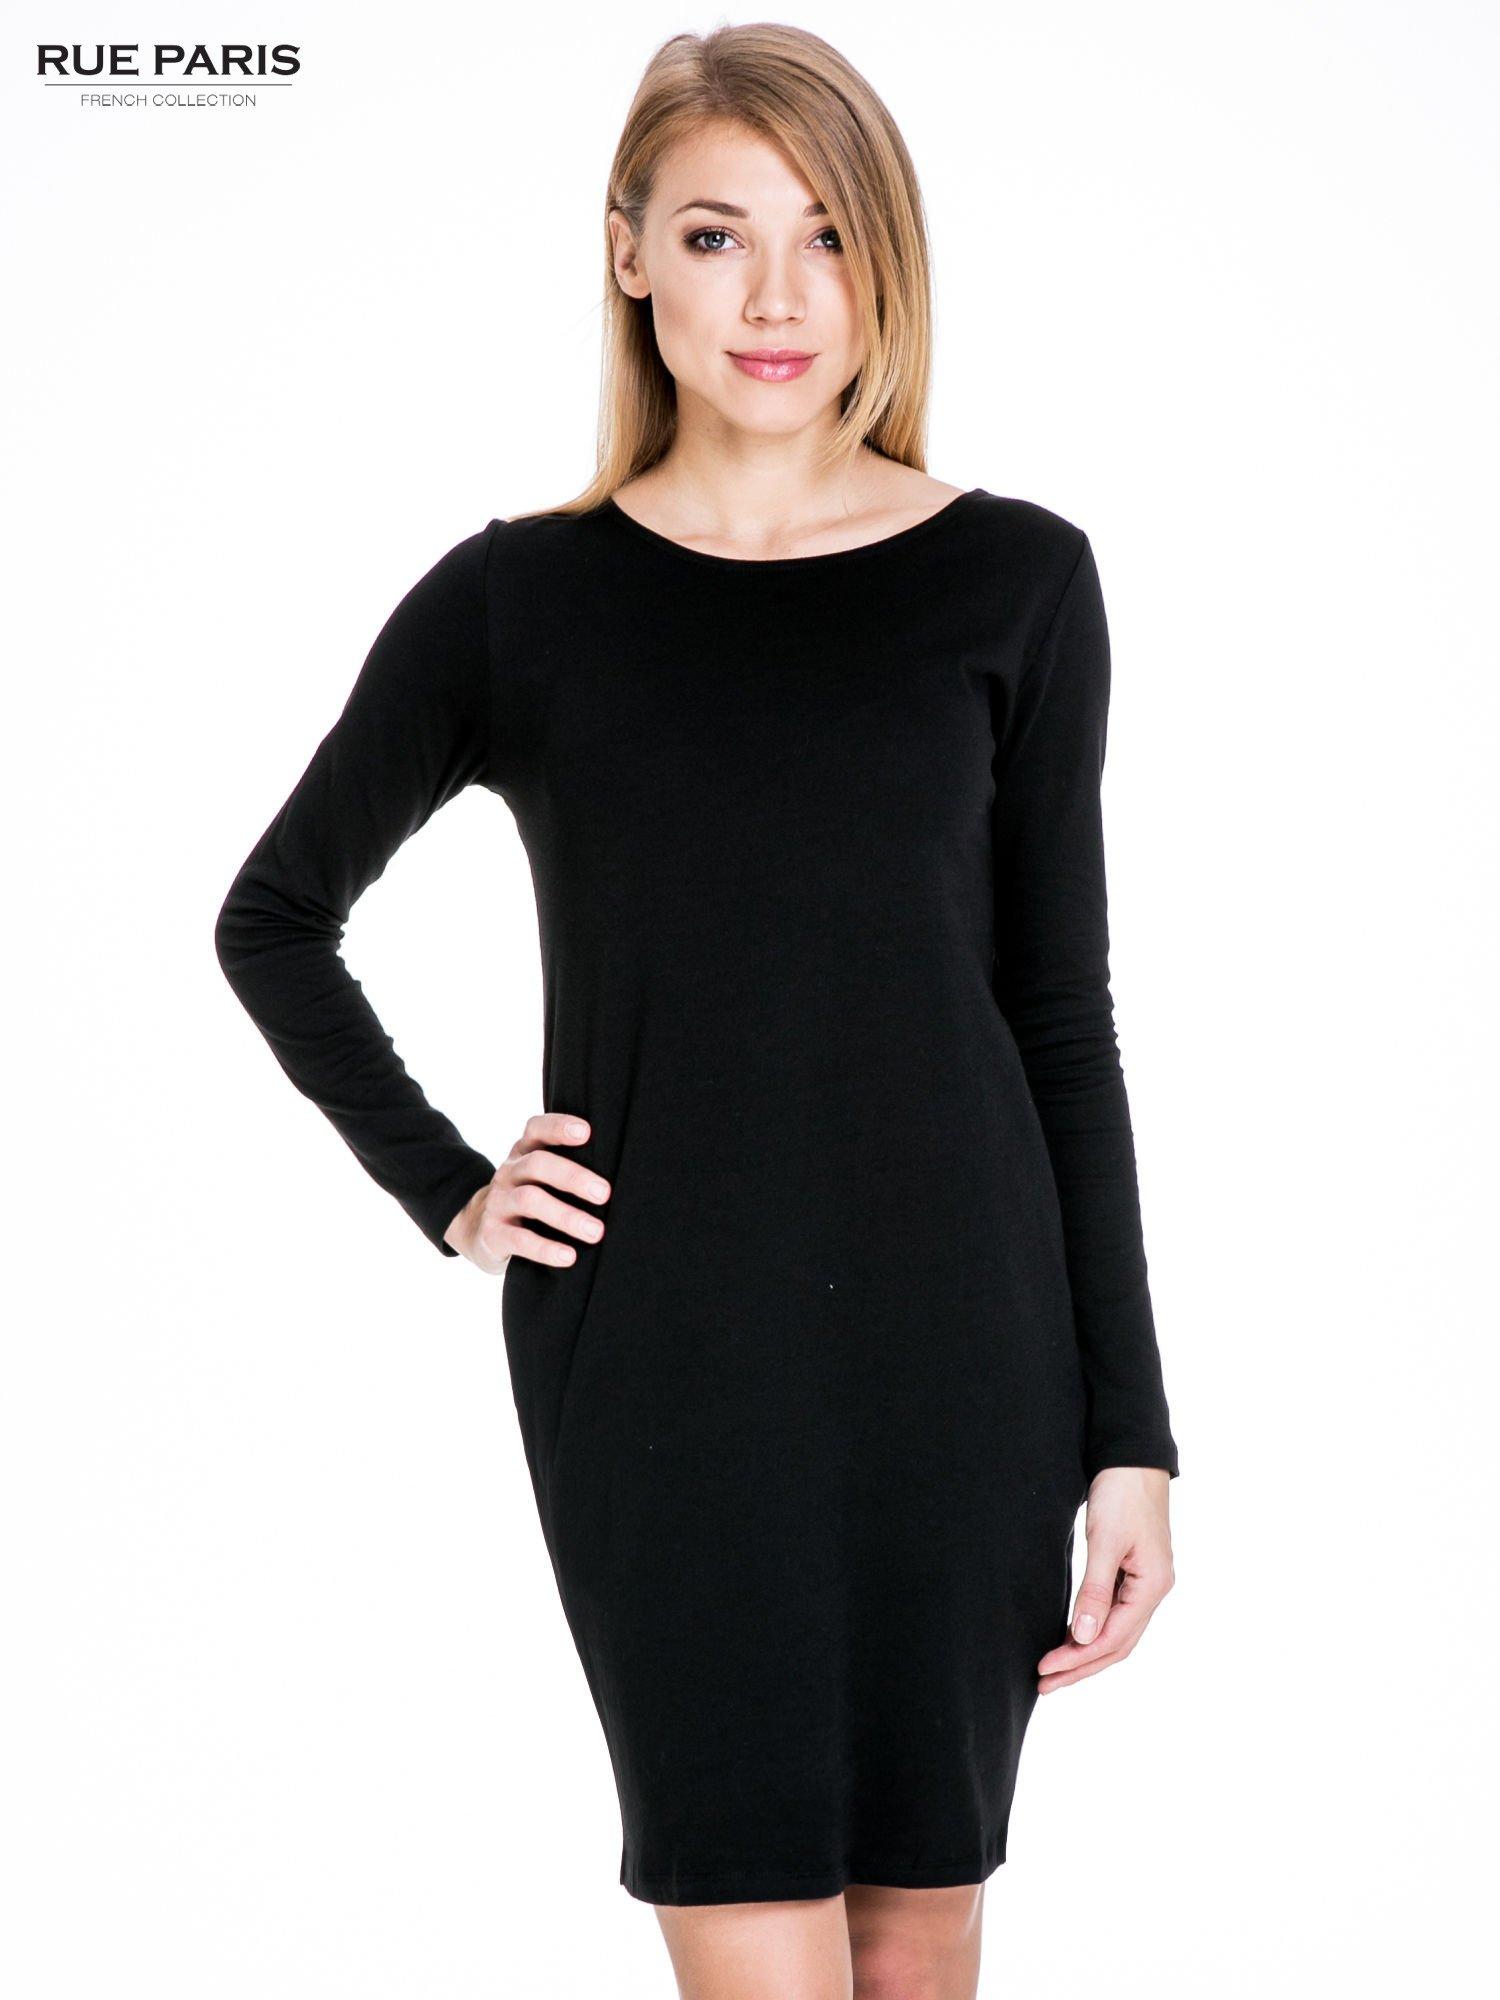 Czarna prosta sukienka z kieszeniami                                  zdj.                                  1